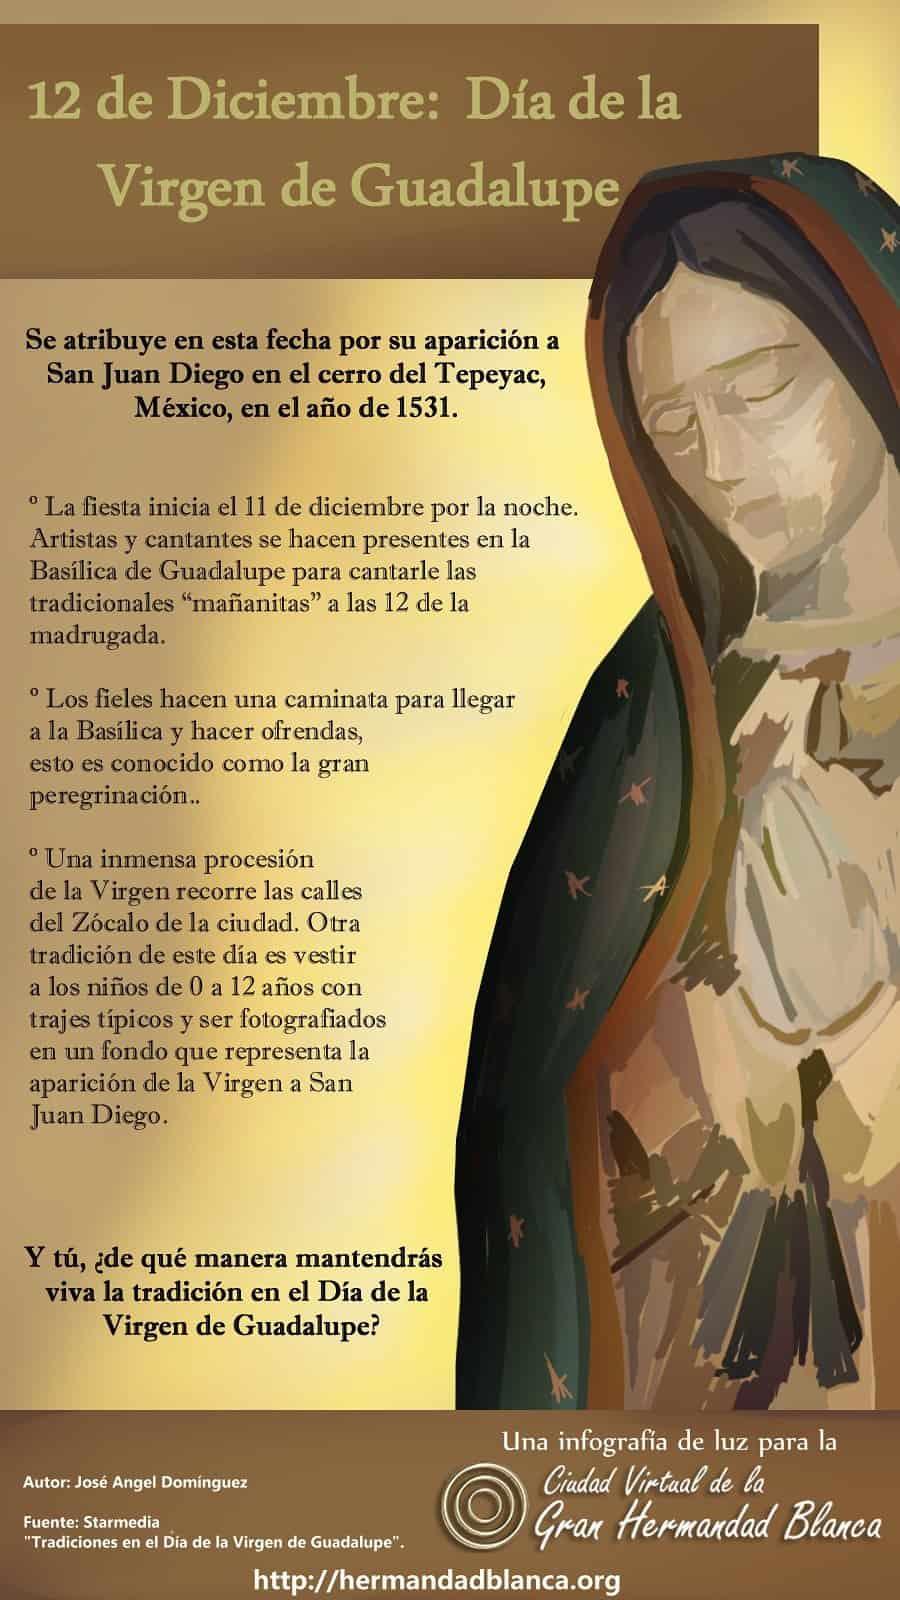 Infografía: 12 de Diciembre Día de la Virgen de Guadalupe.